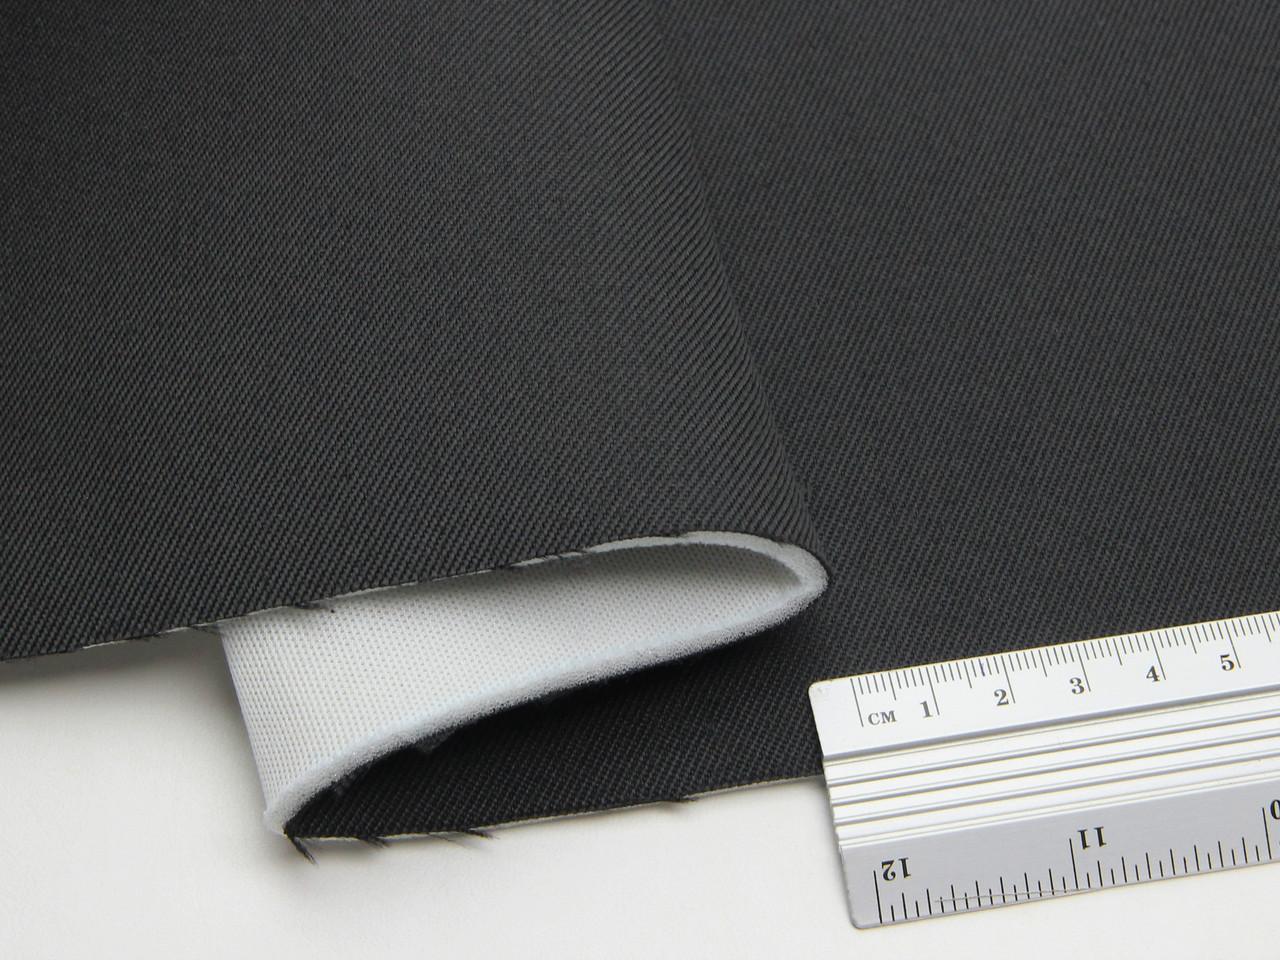 Автоткань для бічної частини сидінь TSB-1/23/11 (темно-сірий графіт) основа поролон 3мм з сіткою, 180см ширина